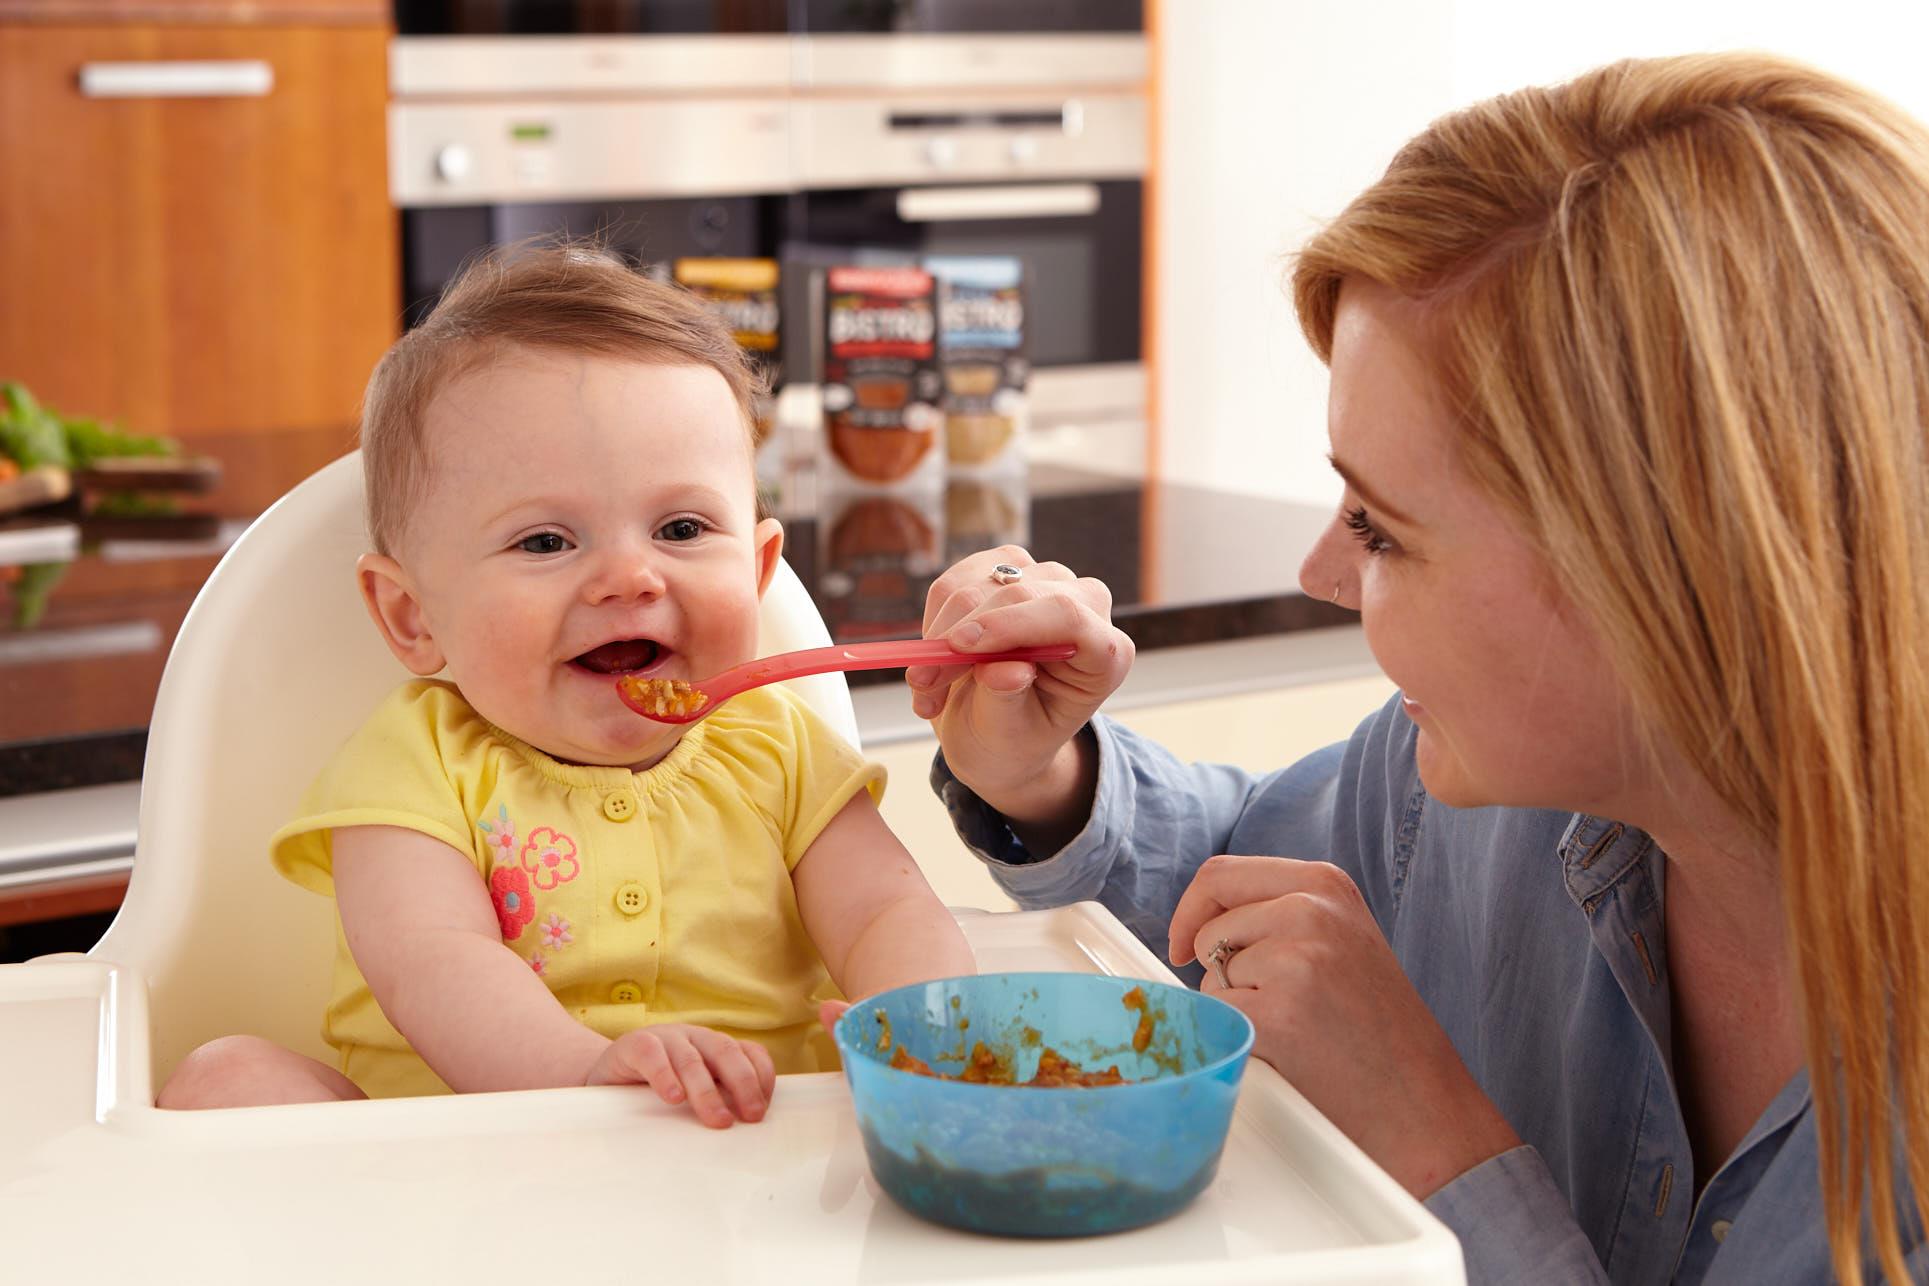 Diet and speech development